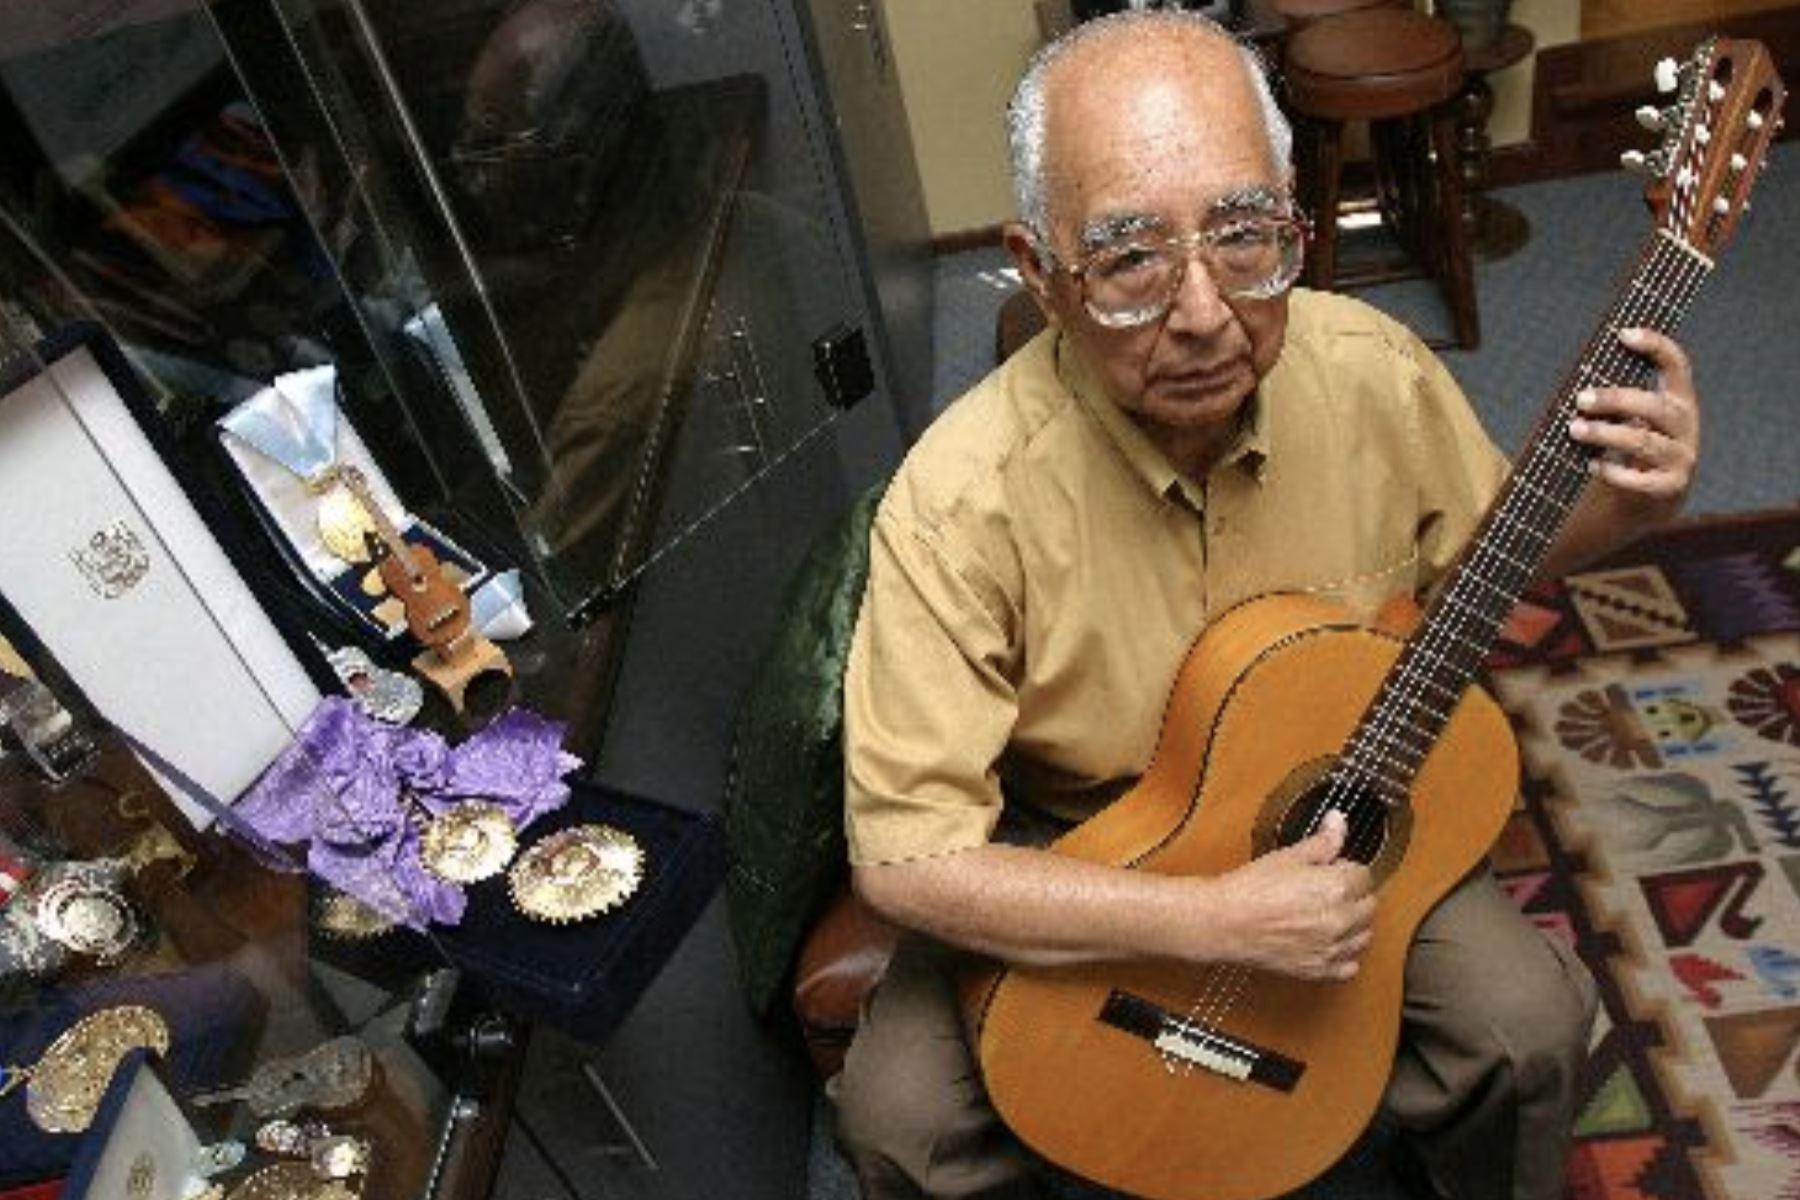 Artista de música andina, Raúl Garcia Zarate. Foto: ANDINA/Difusión